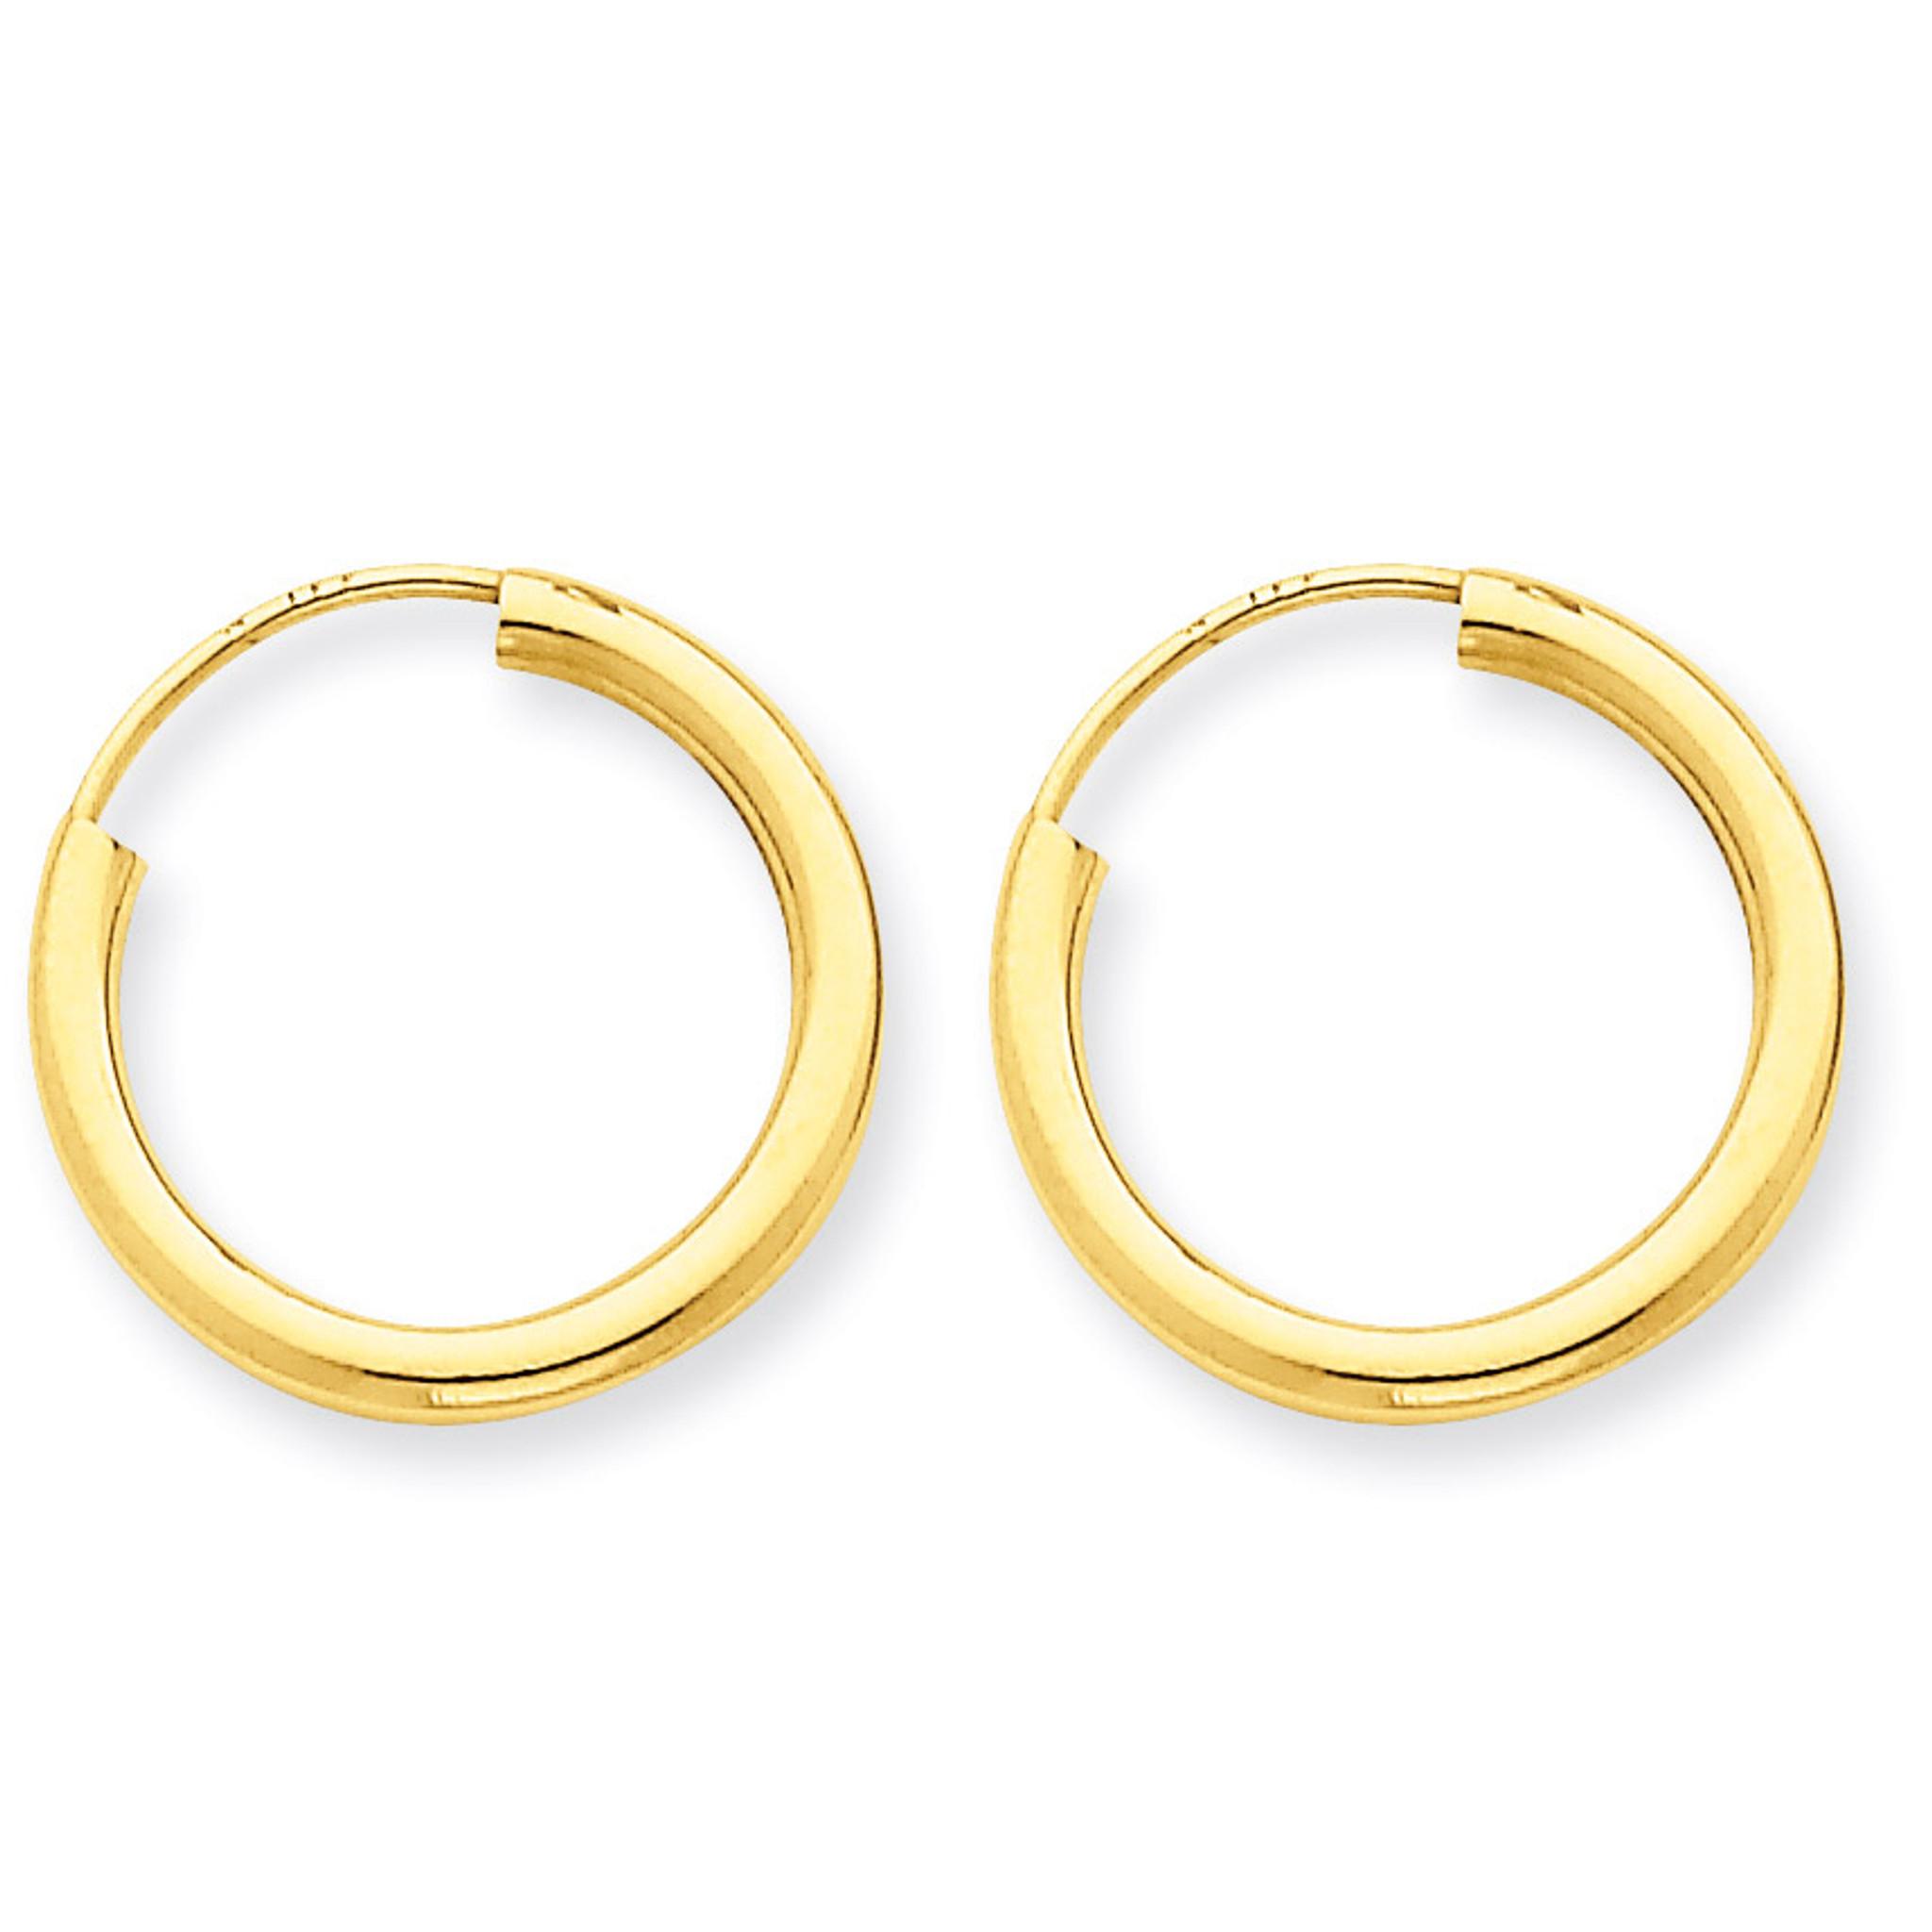 14k Polished Round Endless 2mm Hoop Earrings